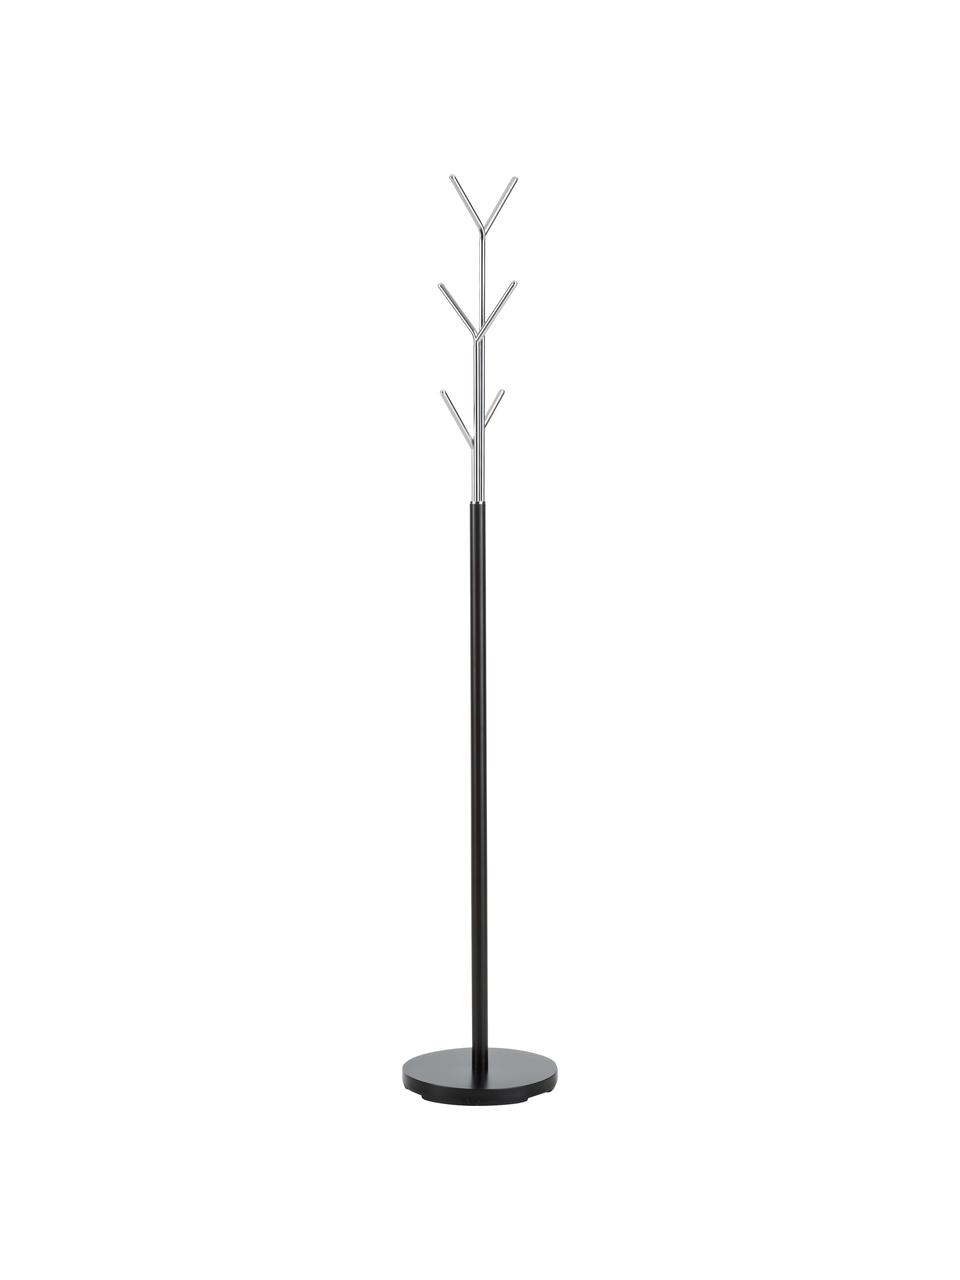 Wieszak stojący London, Czarny, chrom, Ø 31 x W 177 cm